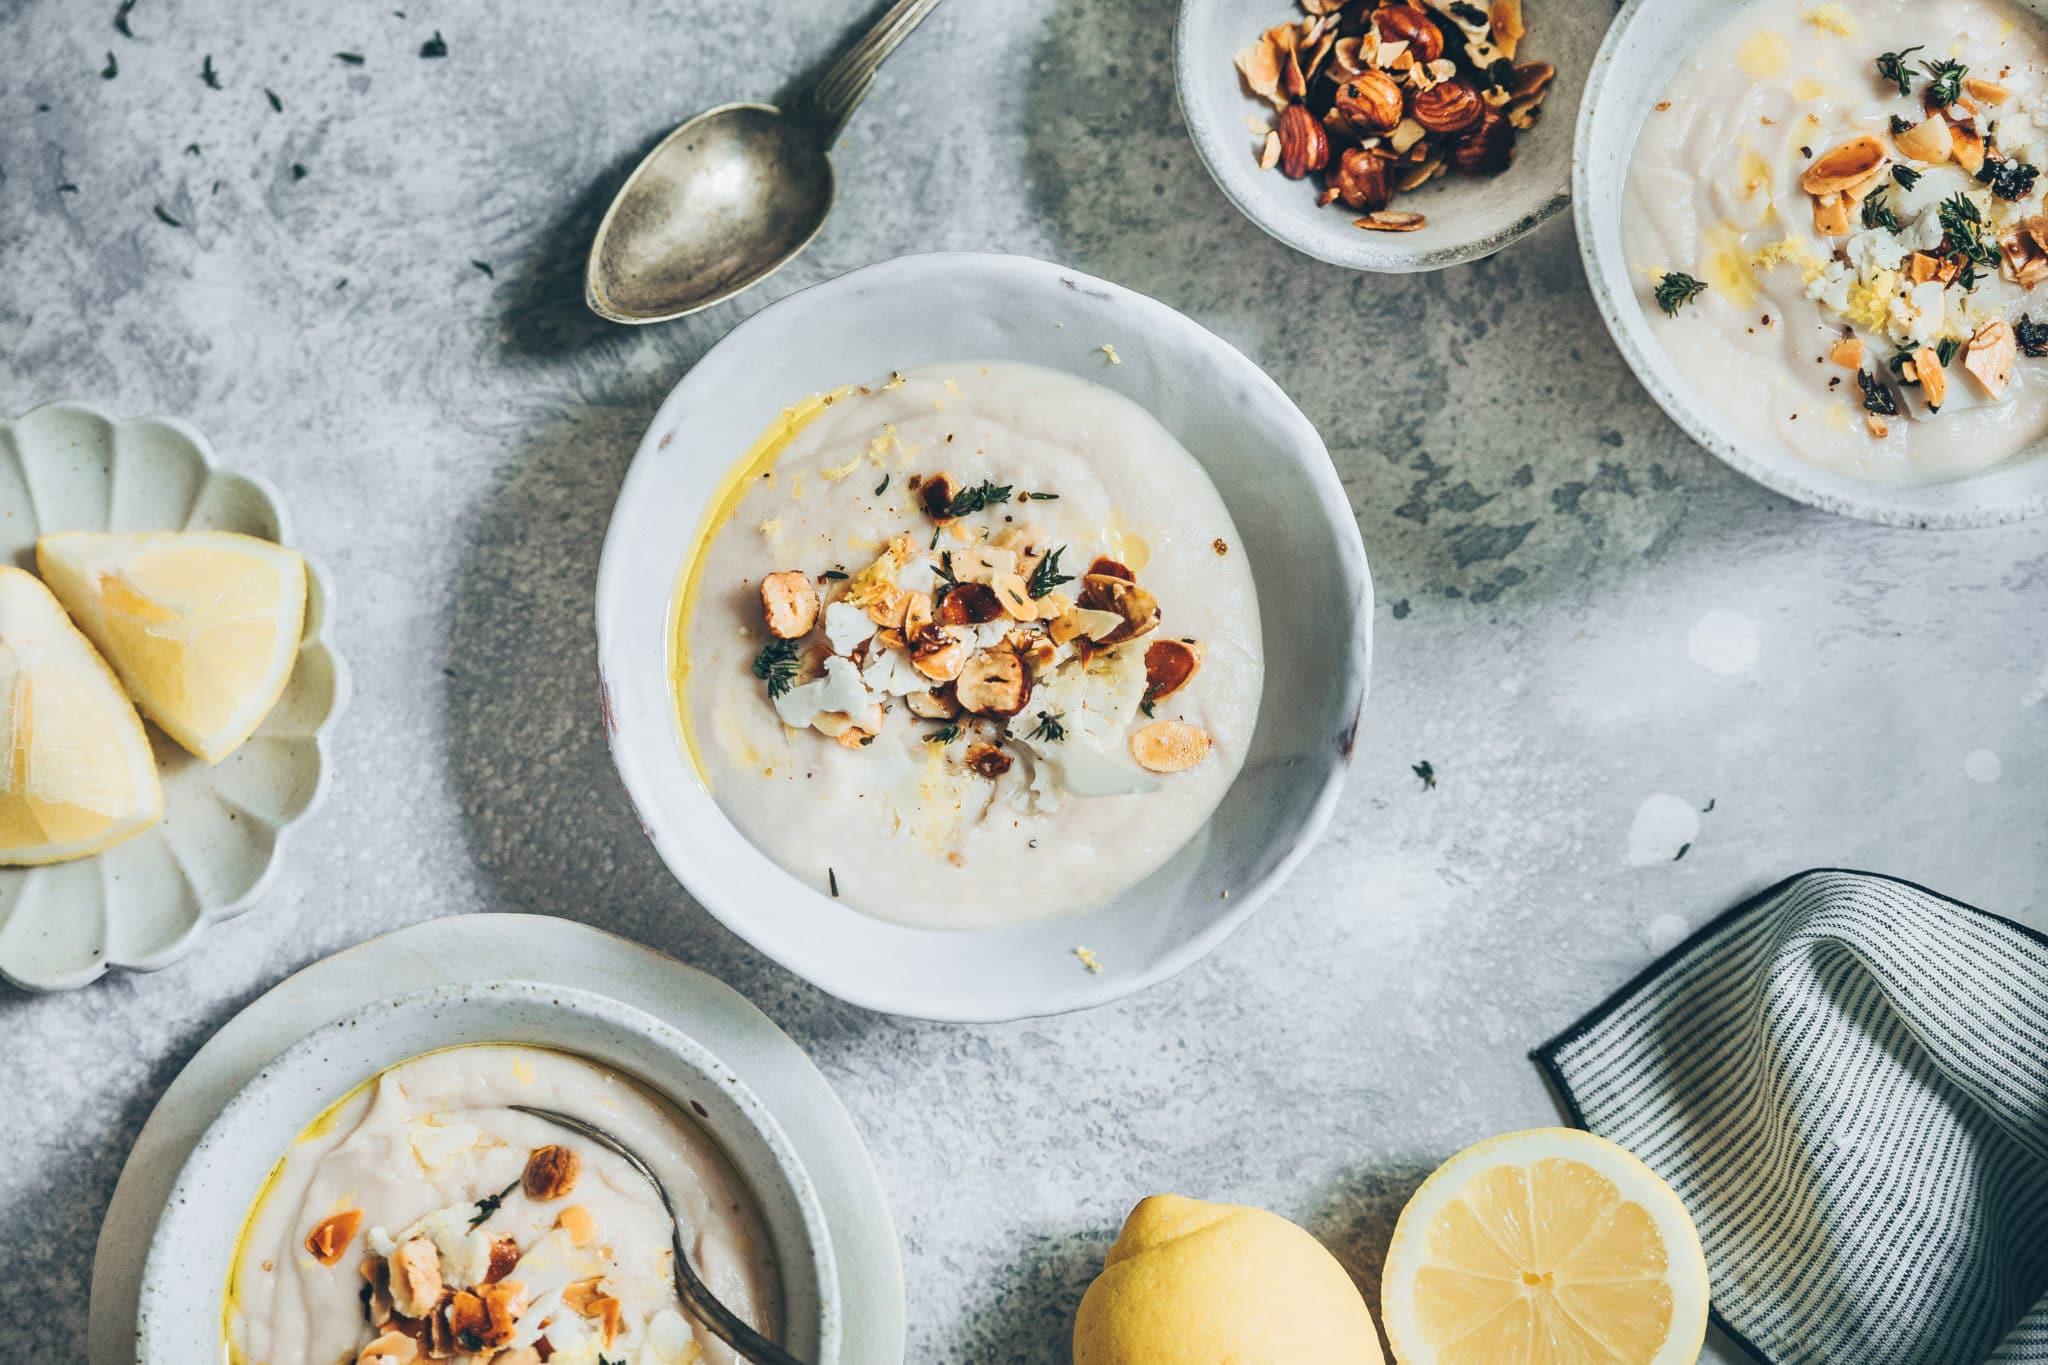 Velouté de chou-fleur au lait de coco et citron